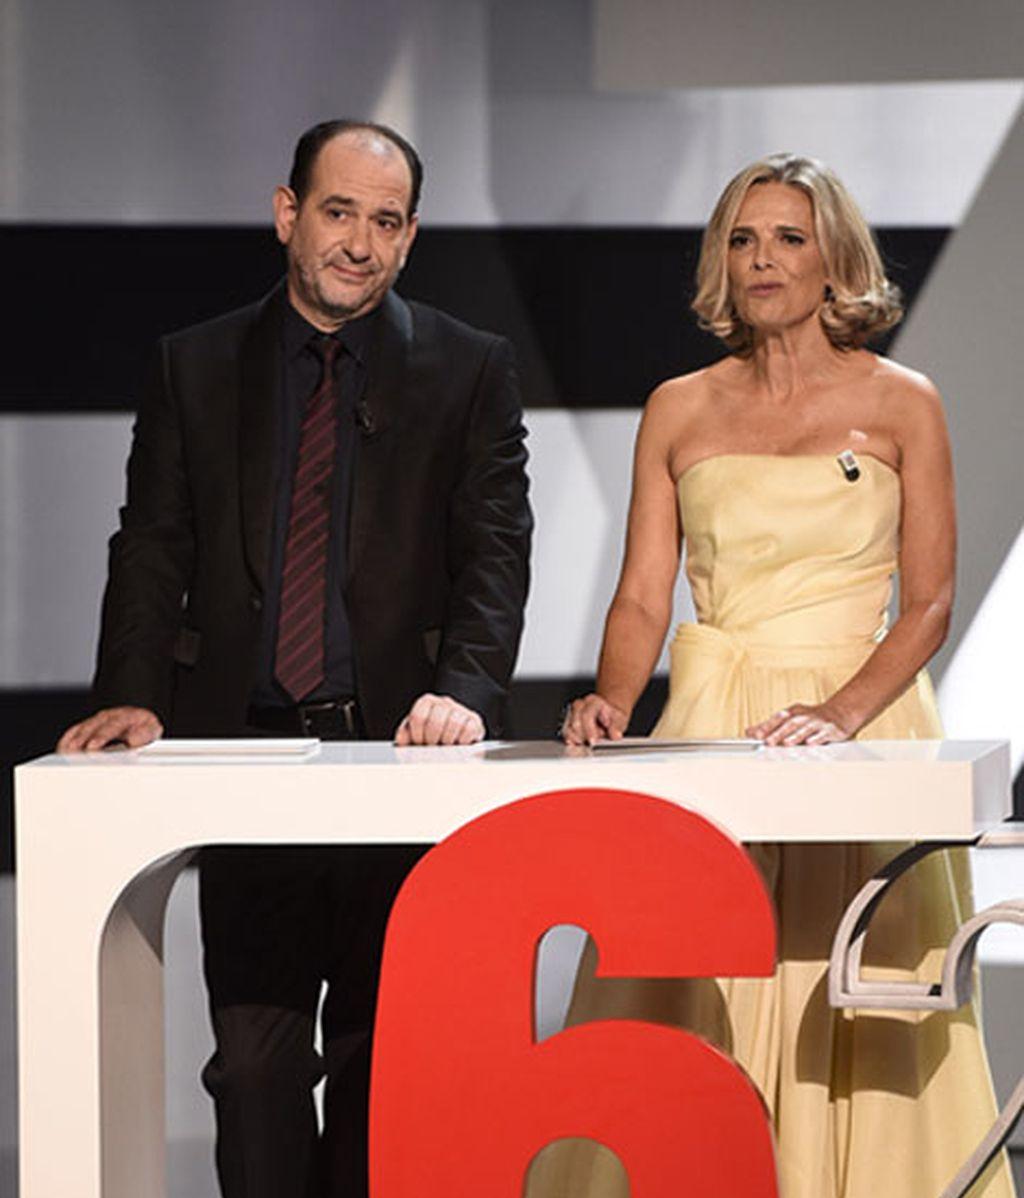 El Festival de San Sebastián arranca con la entrega del premio Donostia 2014 a Denzel Washington